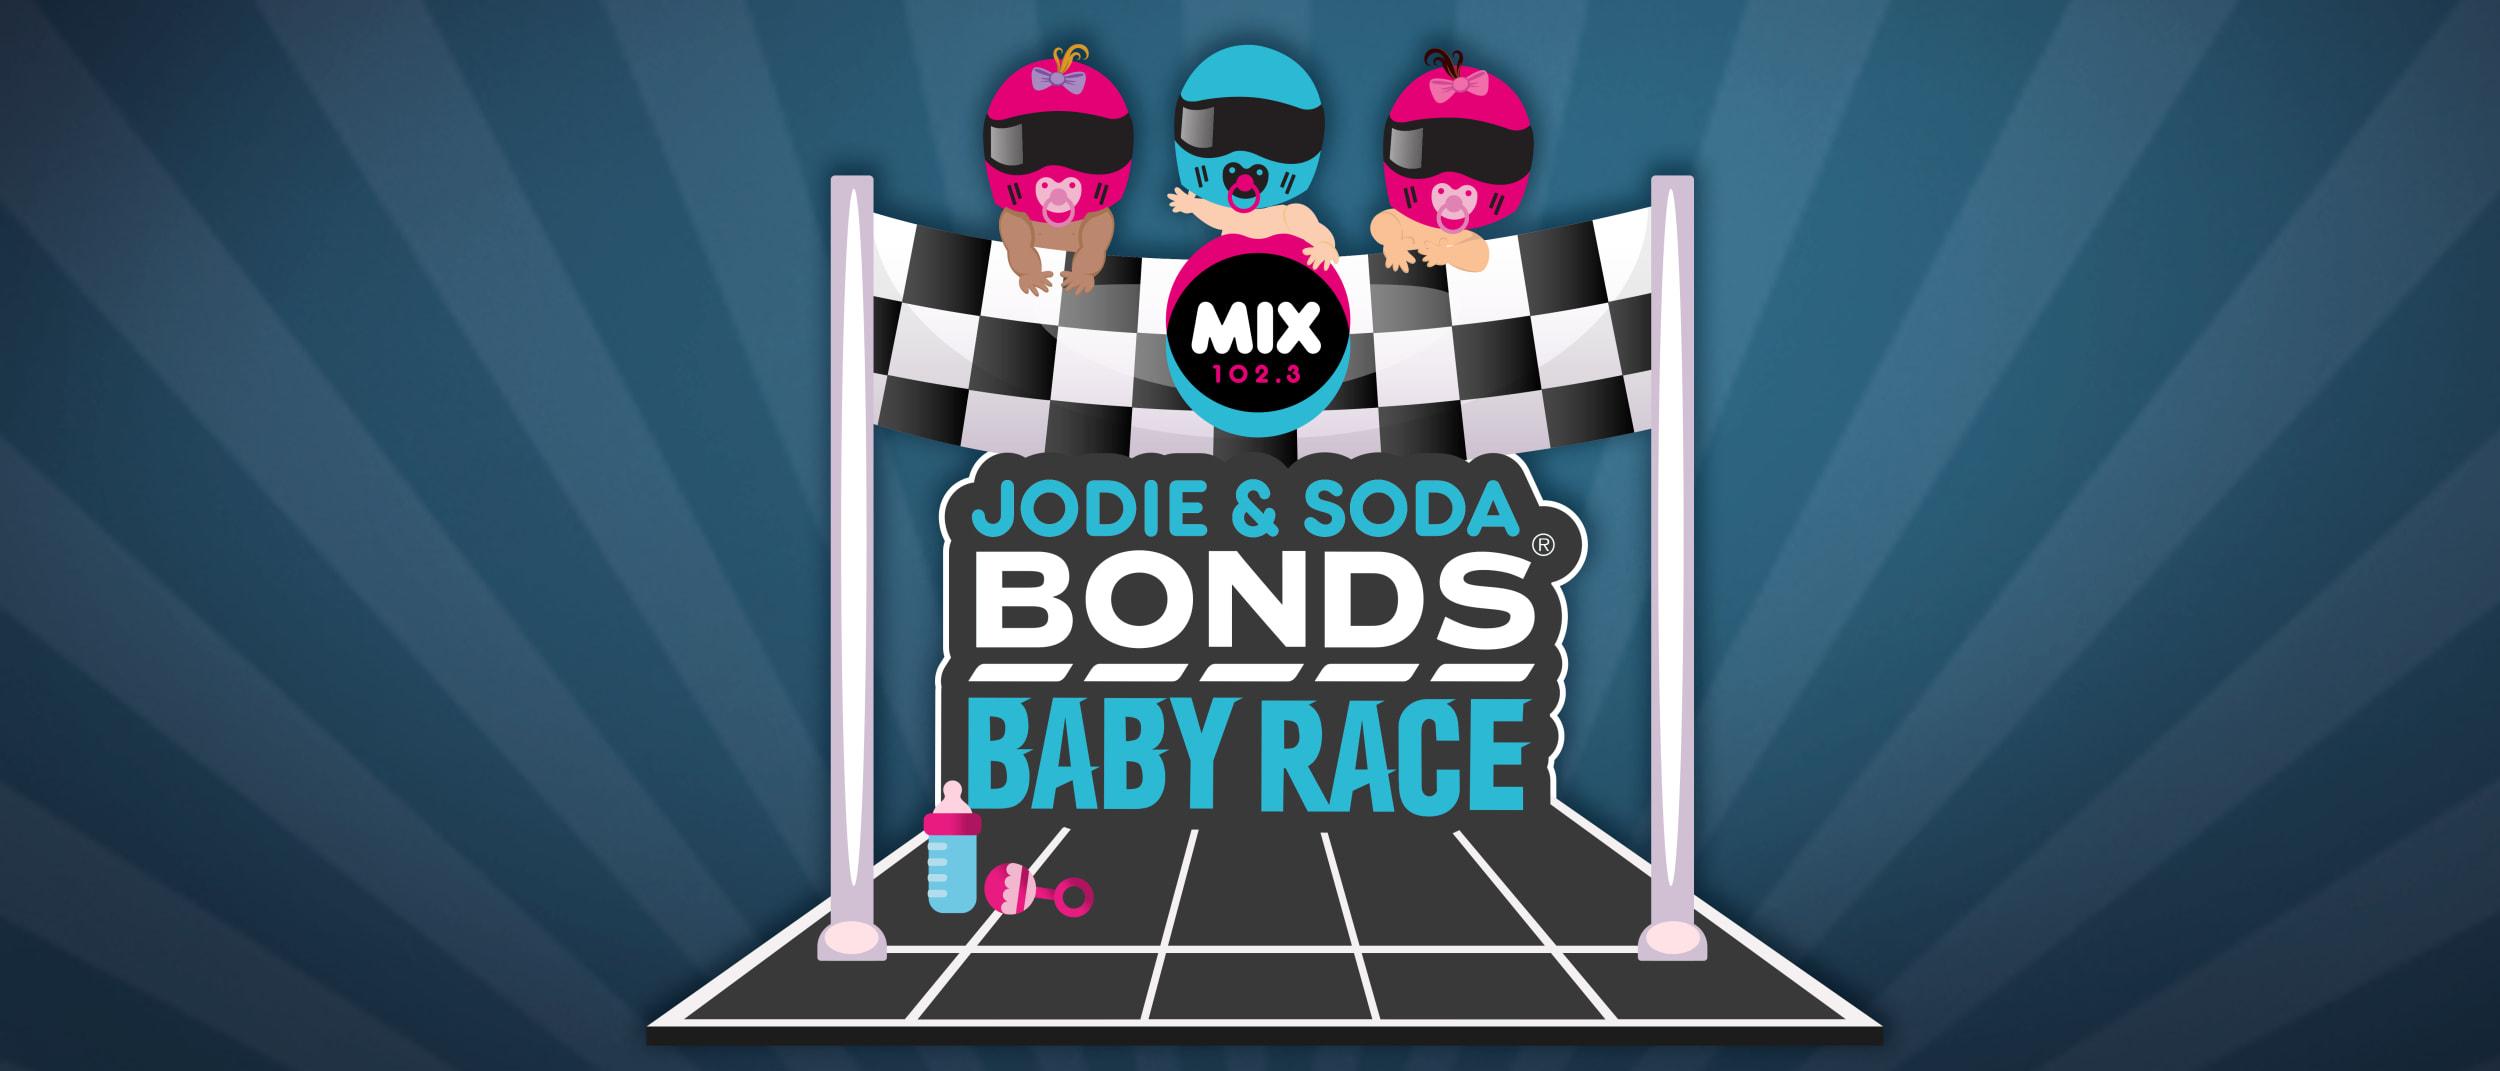 Jodie & Soda Bonds Baby Race